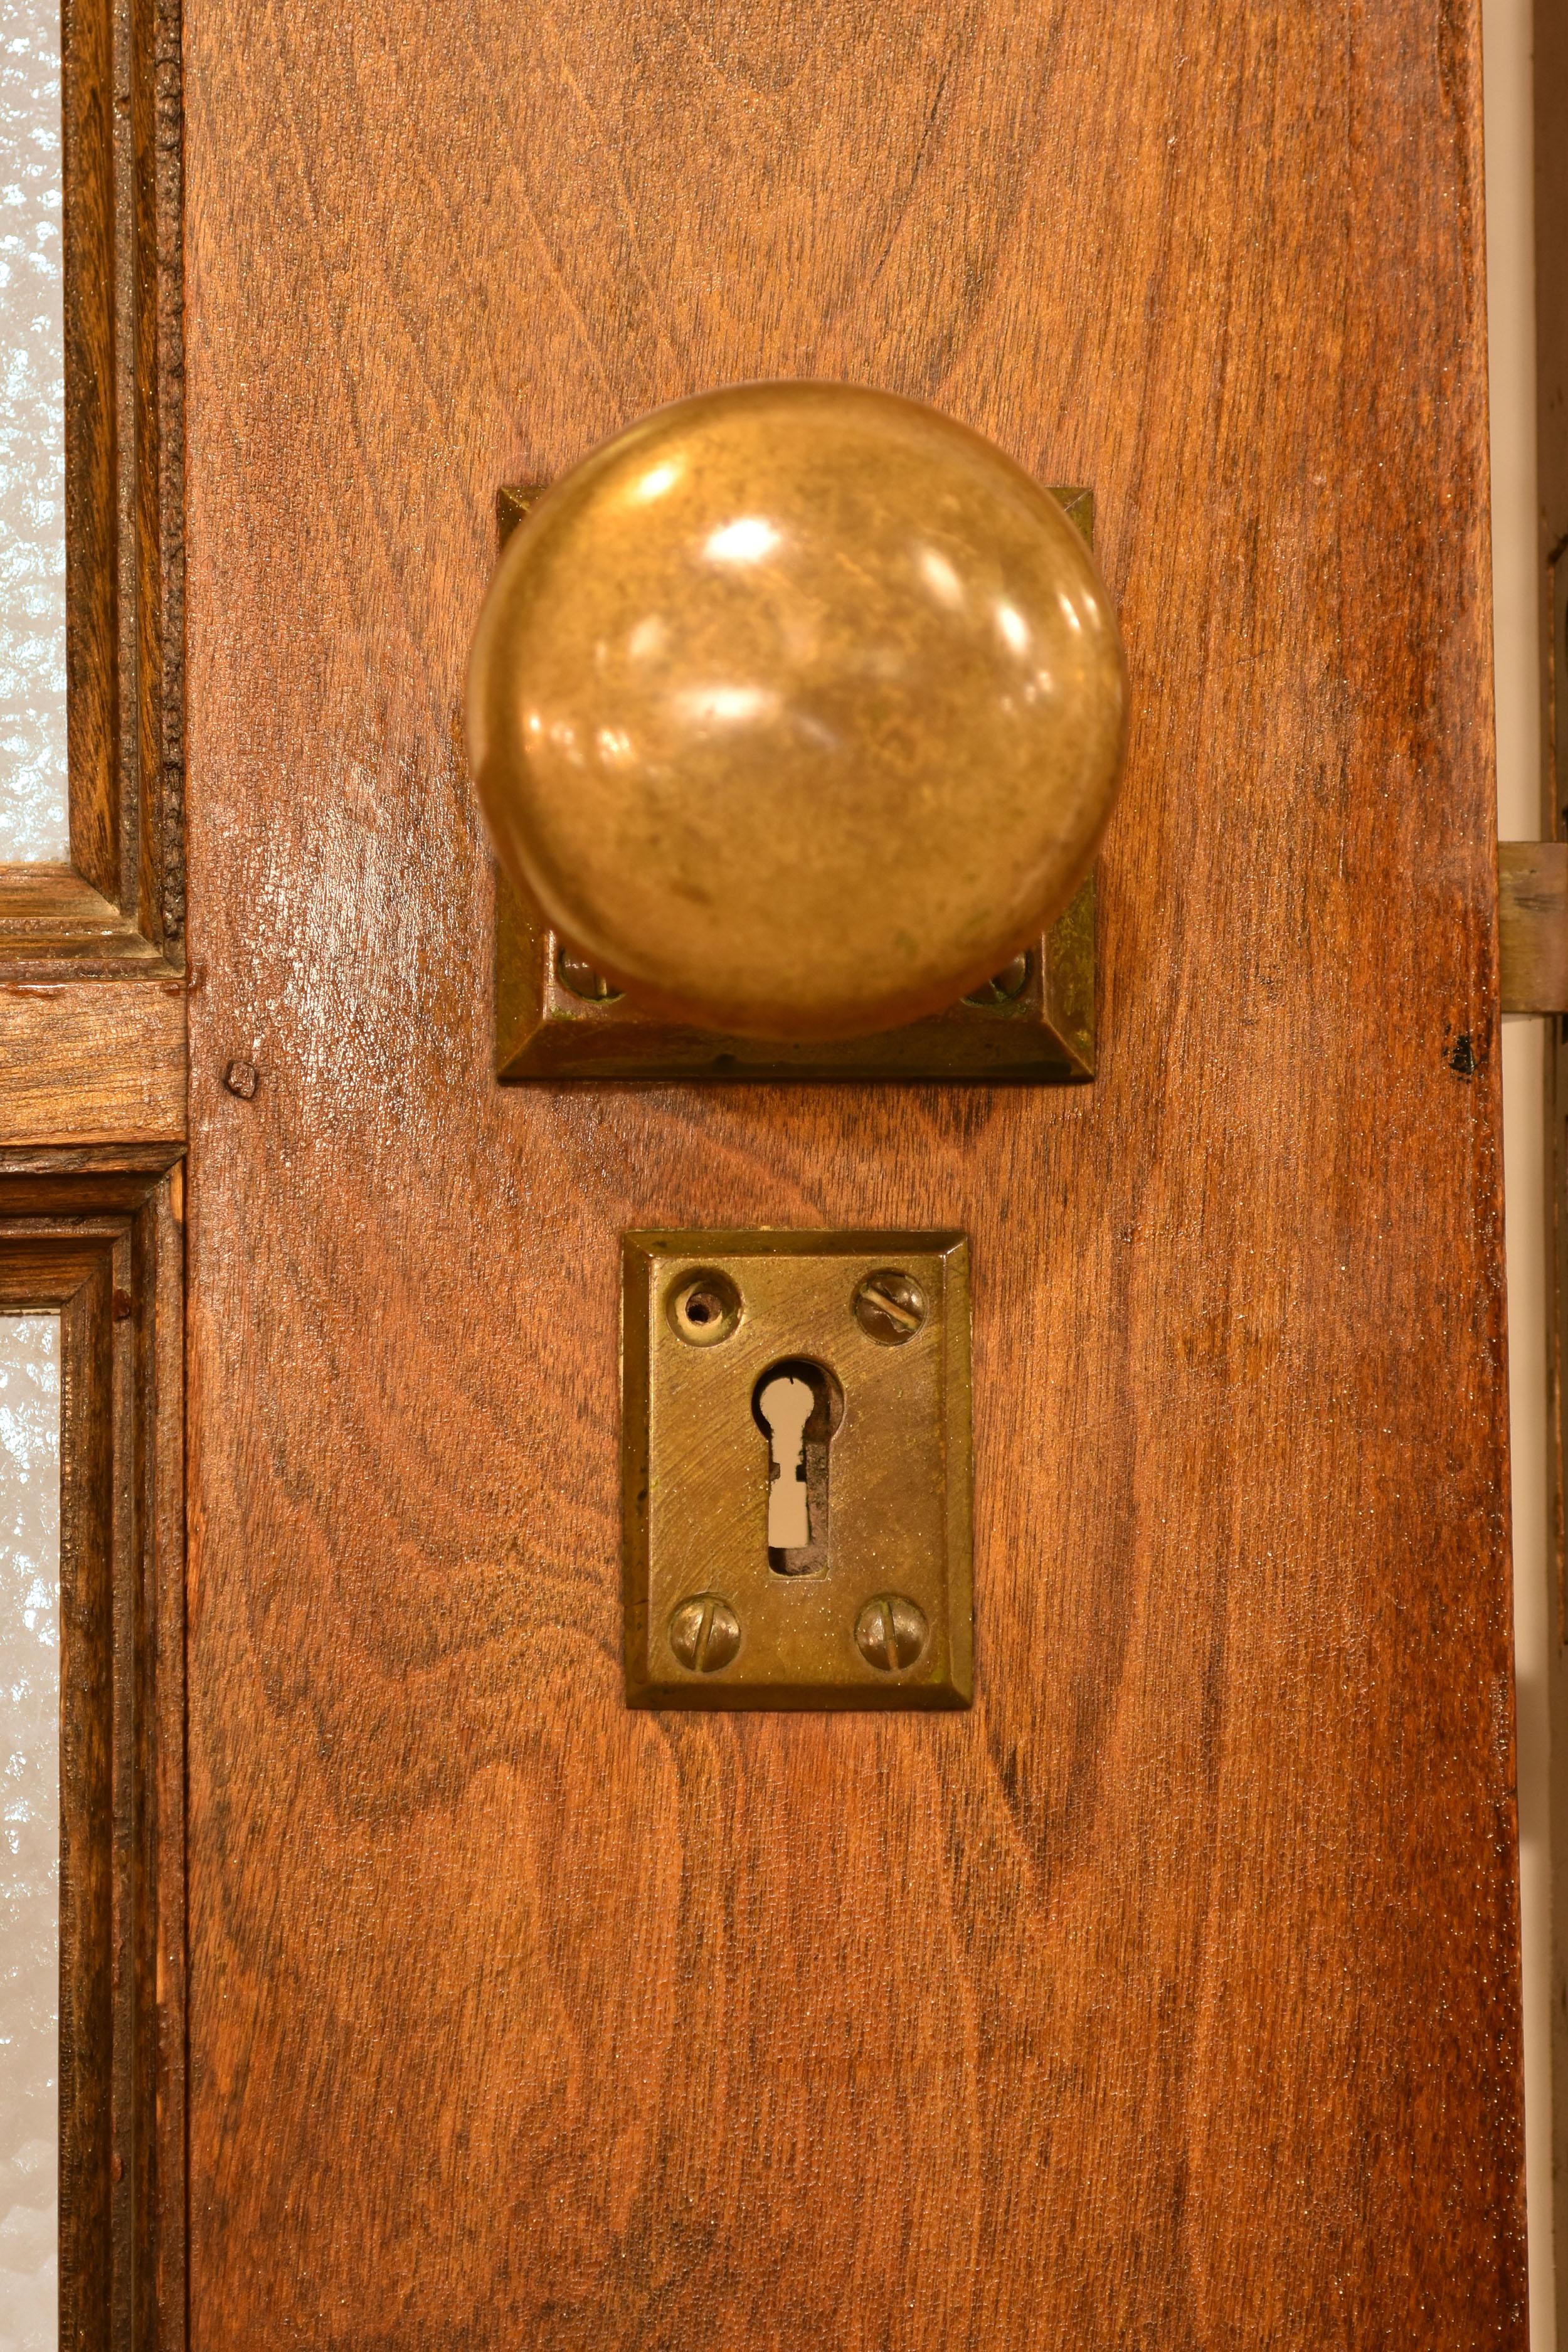 double door pebble closeup hardware 2.jpg